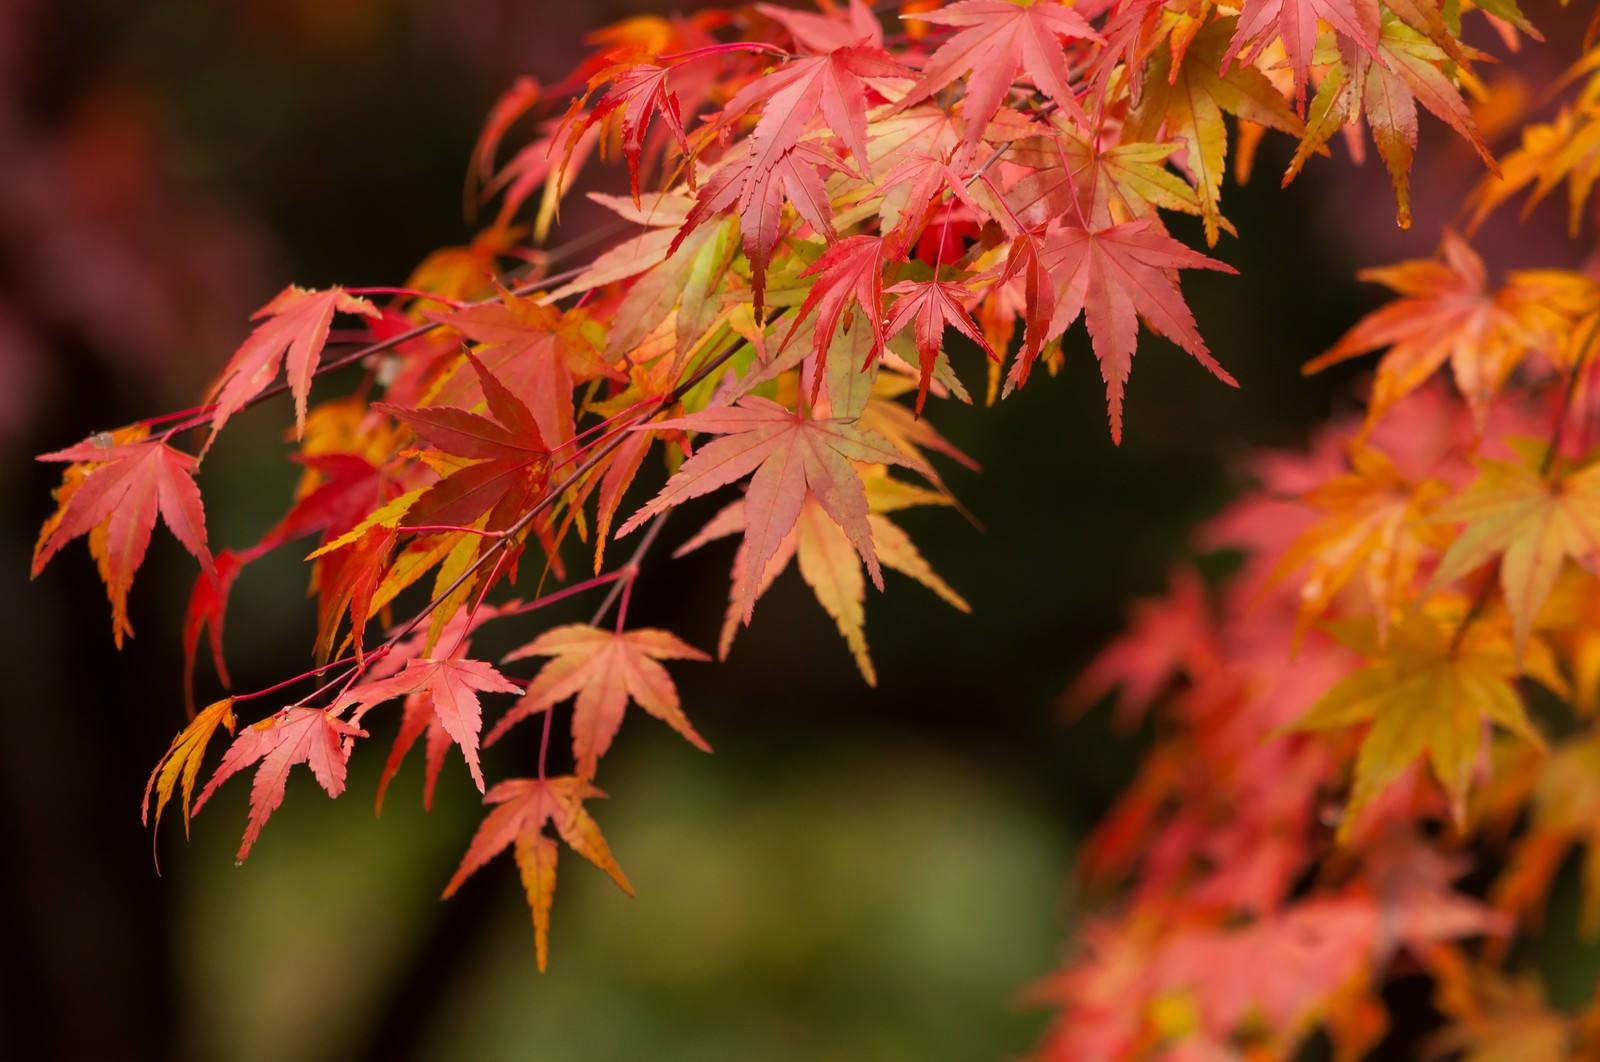 「紅葉するイロハモミジ紅葉するイロハモミジ」のフリー写真素材を拡大